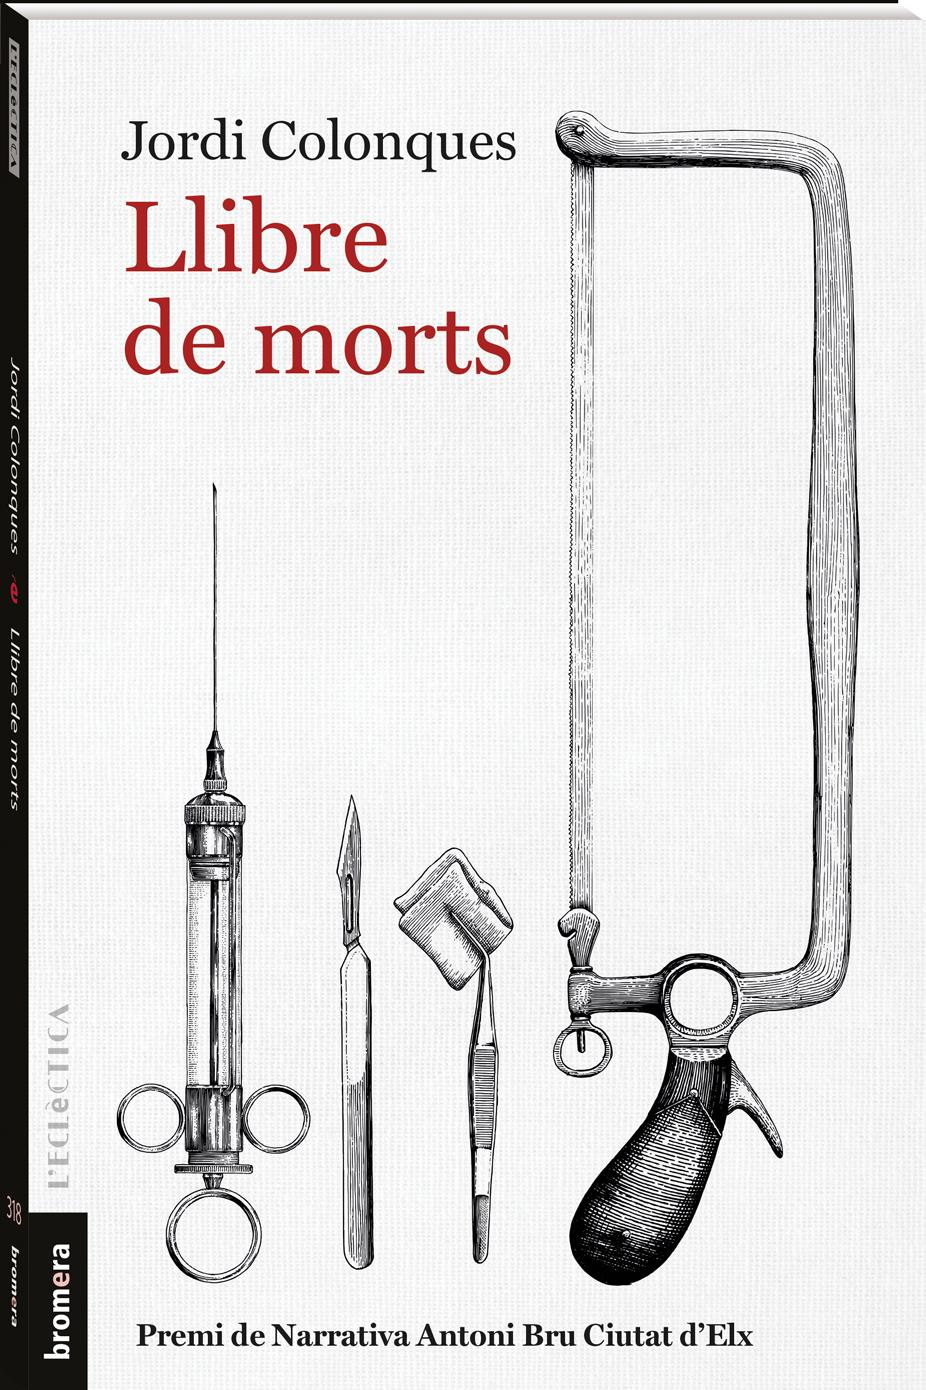 318_Llibre-de-morts_2.png